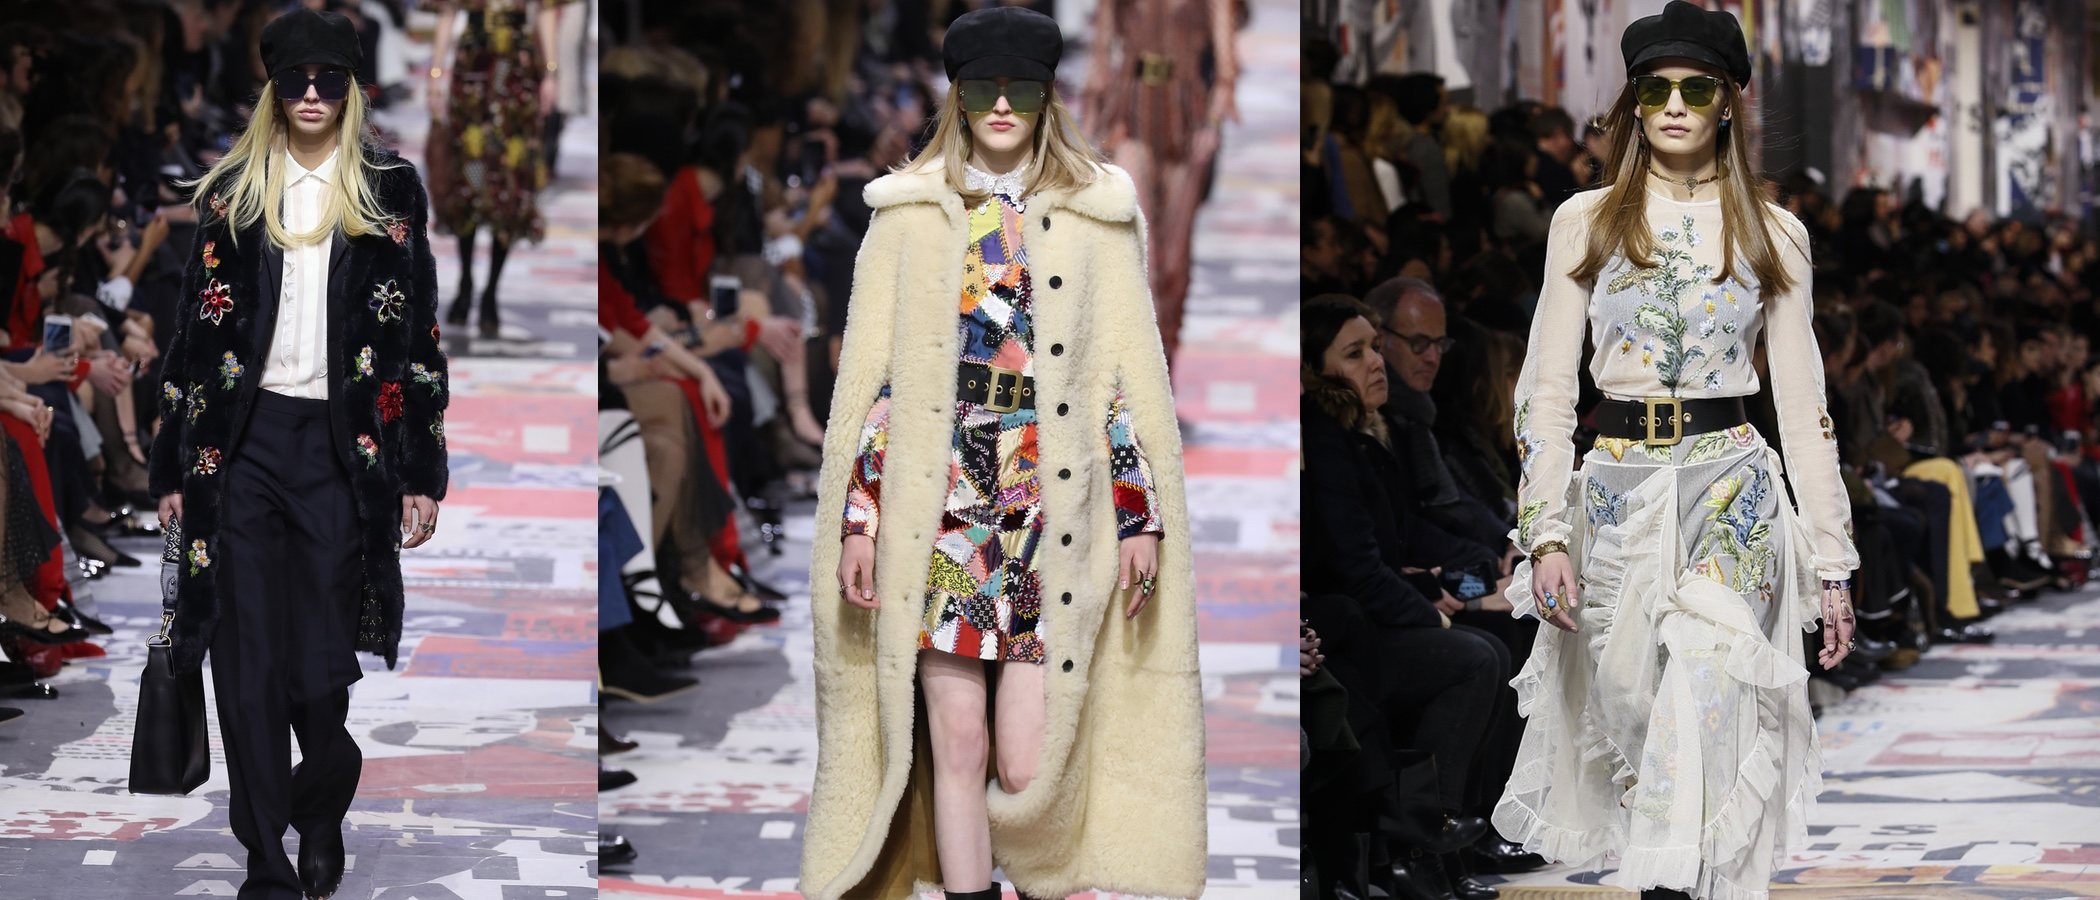 Dior presenta su prêt-à-porter para el otoño/invierno 2018/2019 en la Paris Fashion Week